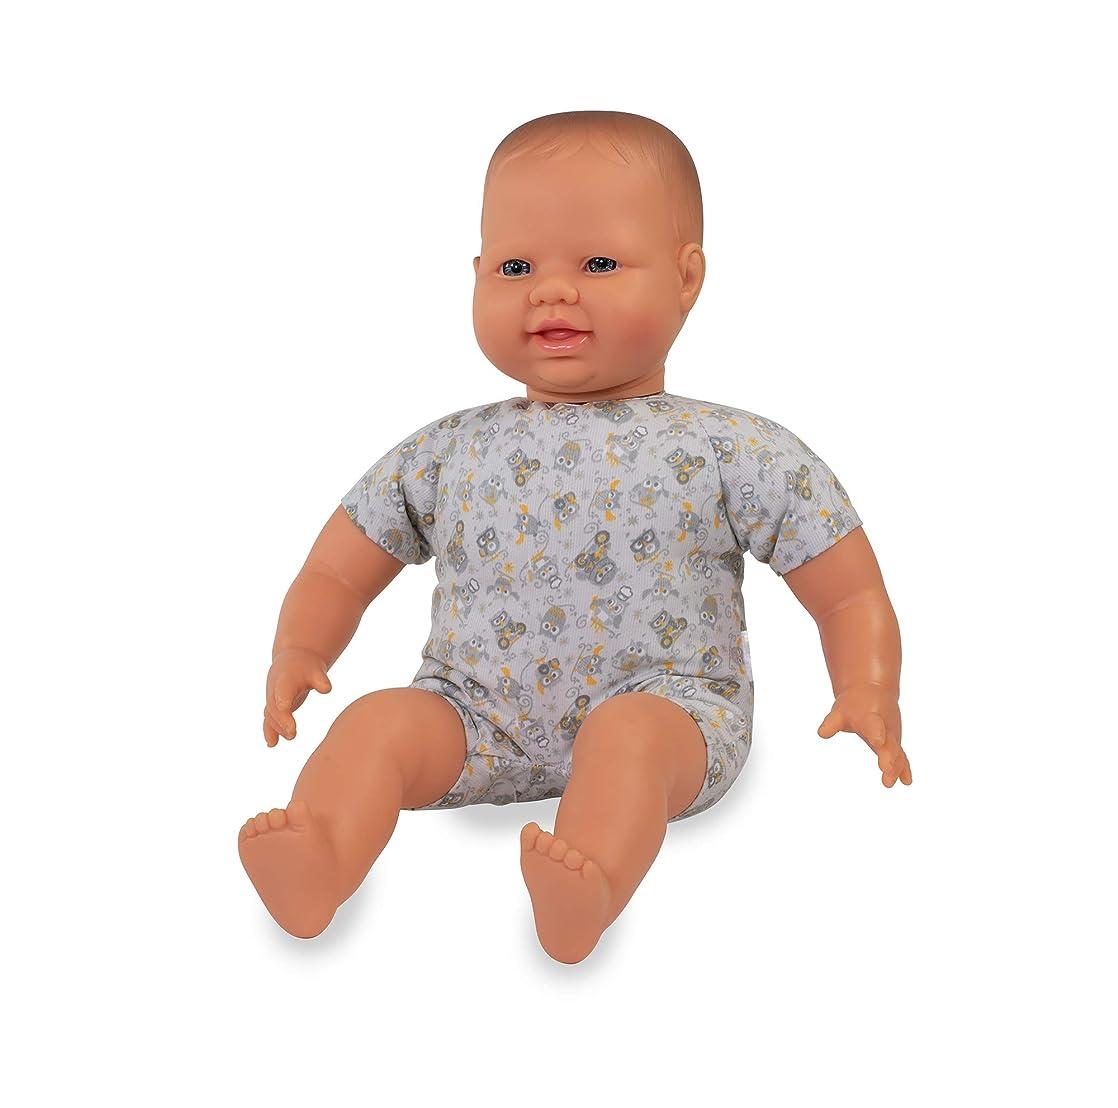 衣類メリー無意識Miniland 40cm Soft Body Baby Doll, Caucasian